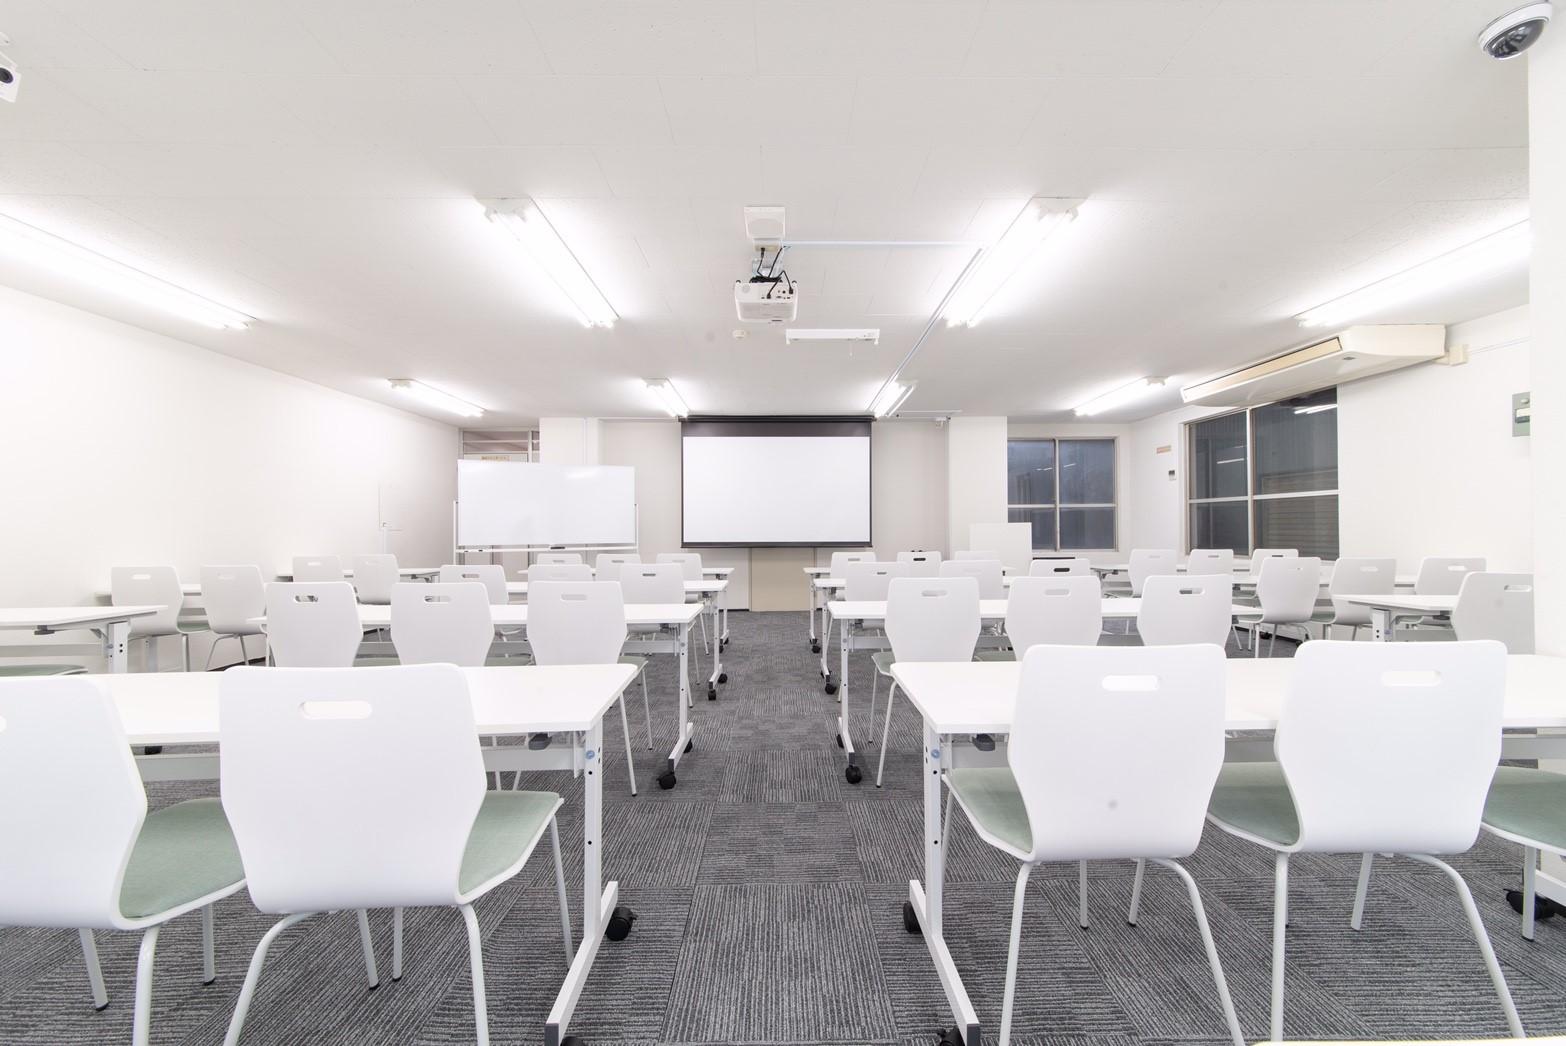 シンプルで使い勝手◎ みんなの会議室 赤坂に取材に行ってきました!|TIME SHARING|タイムシェアリング|スペースマネジメント|あどばる|adval|SHARING